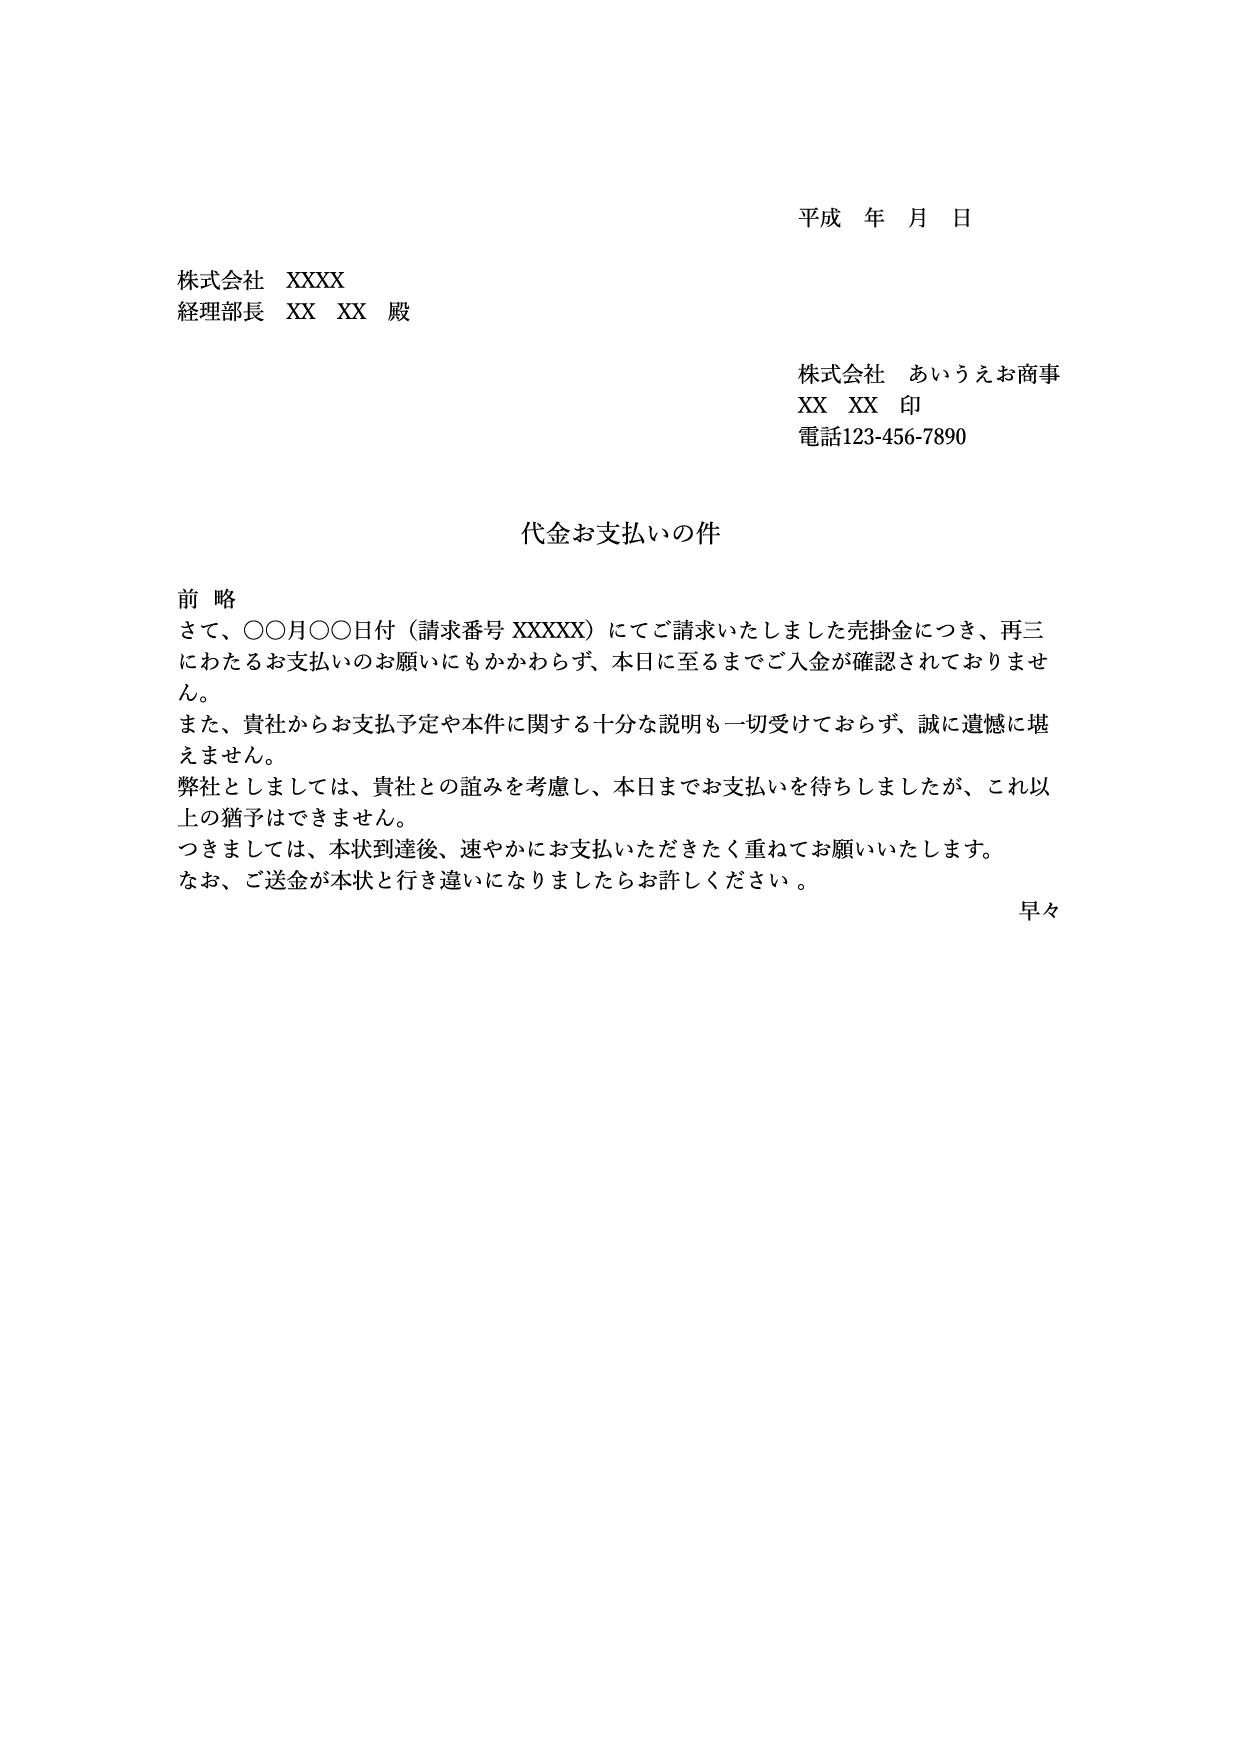 督促状テンプレート『再督促_支払い』(ワード・ページズ)